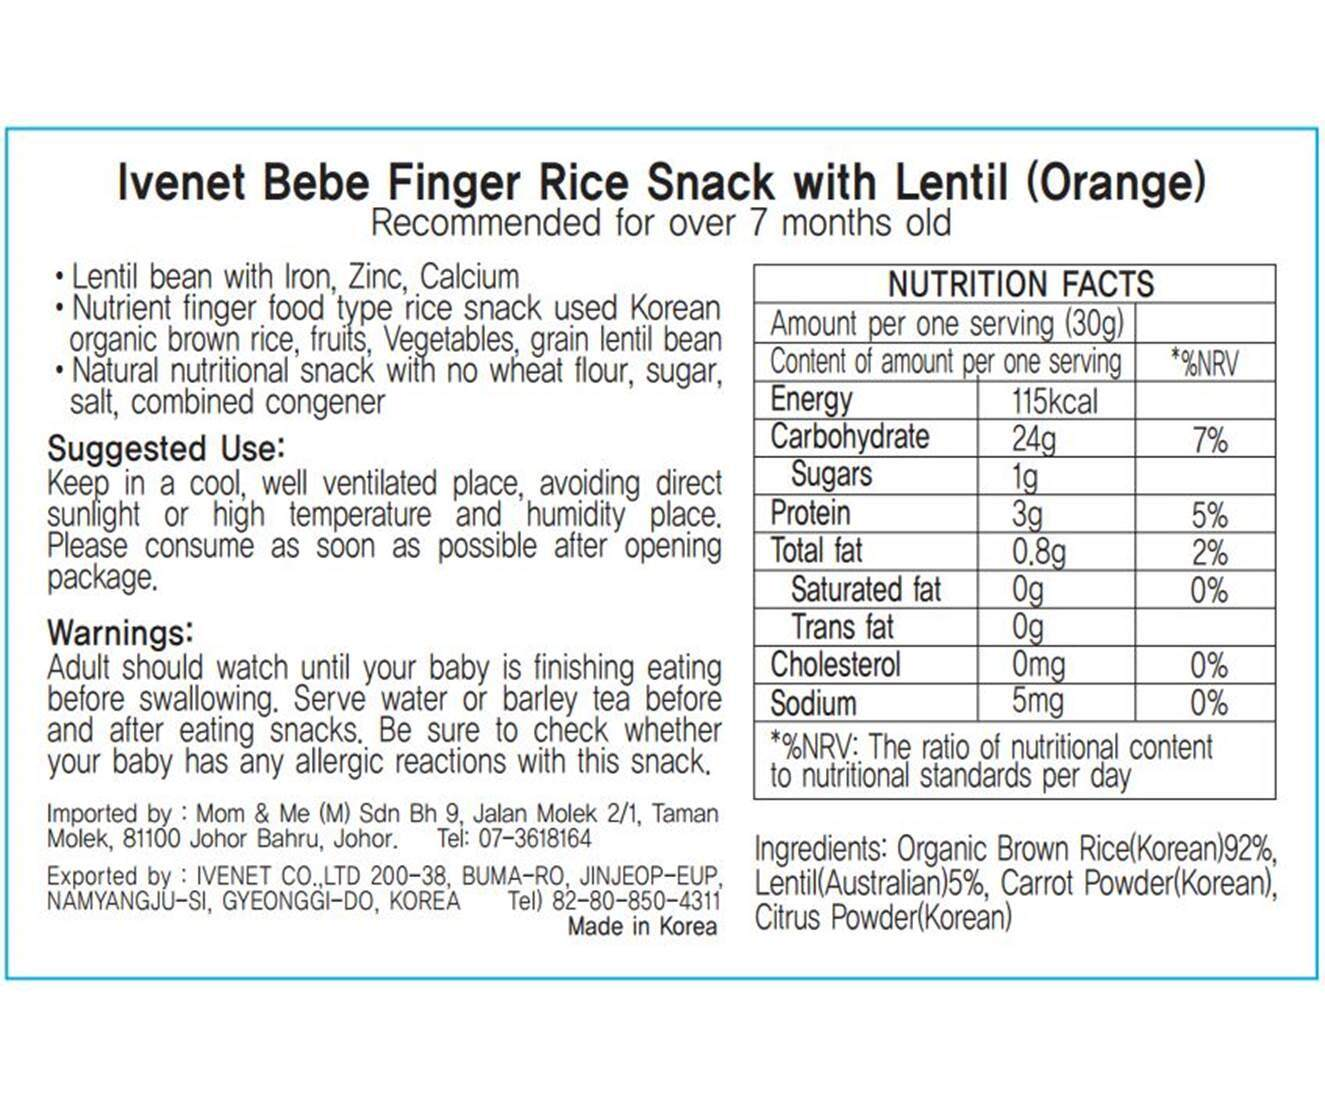 Ivenet Bebe Finger Rice Snack With Lentil(Orange)_Details_Resave.JPG